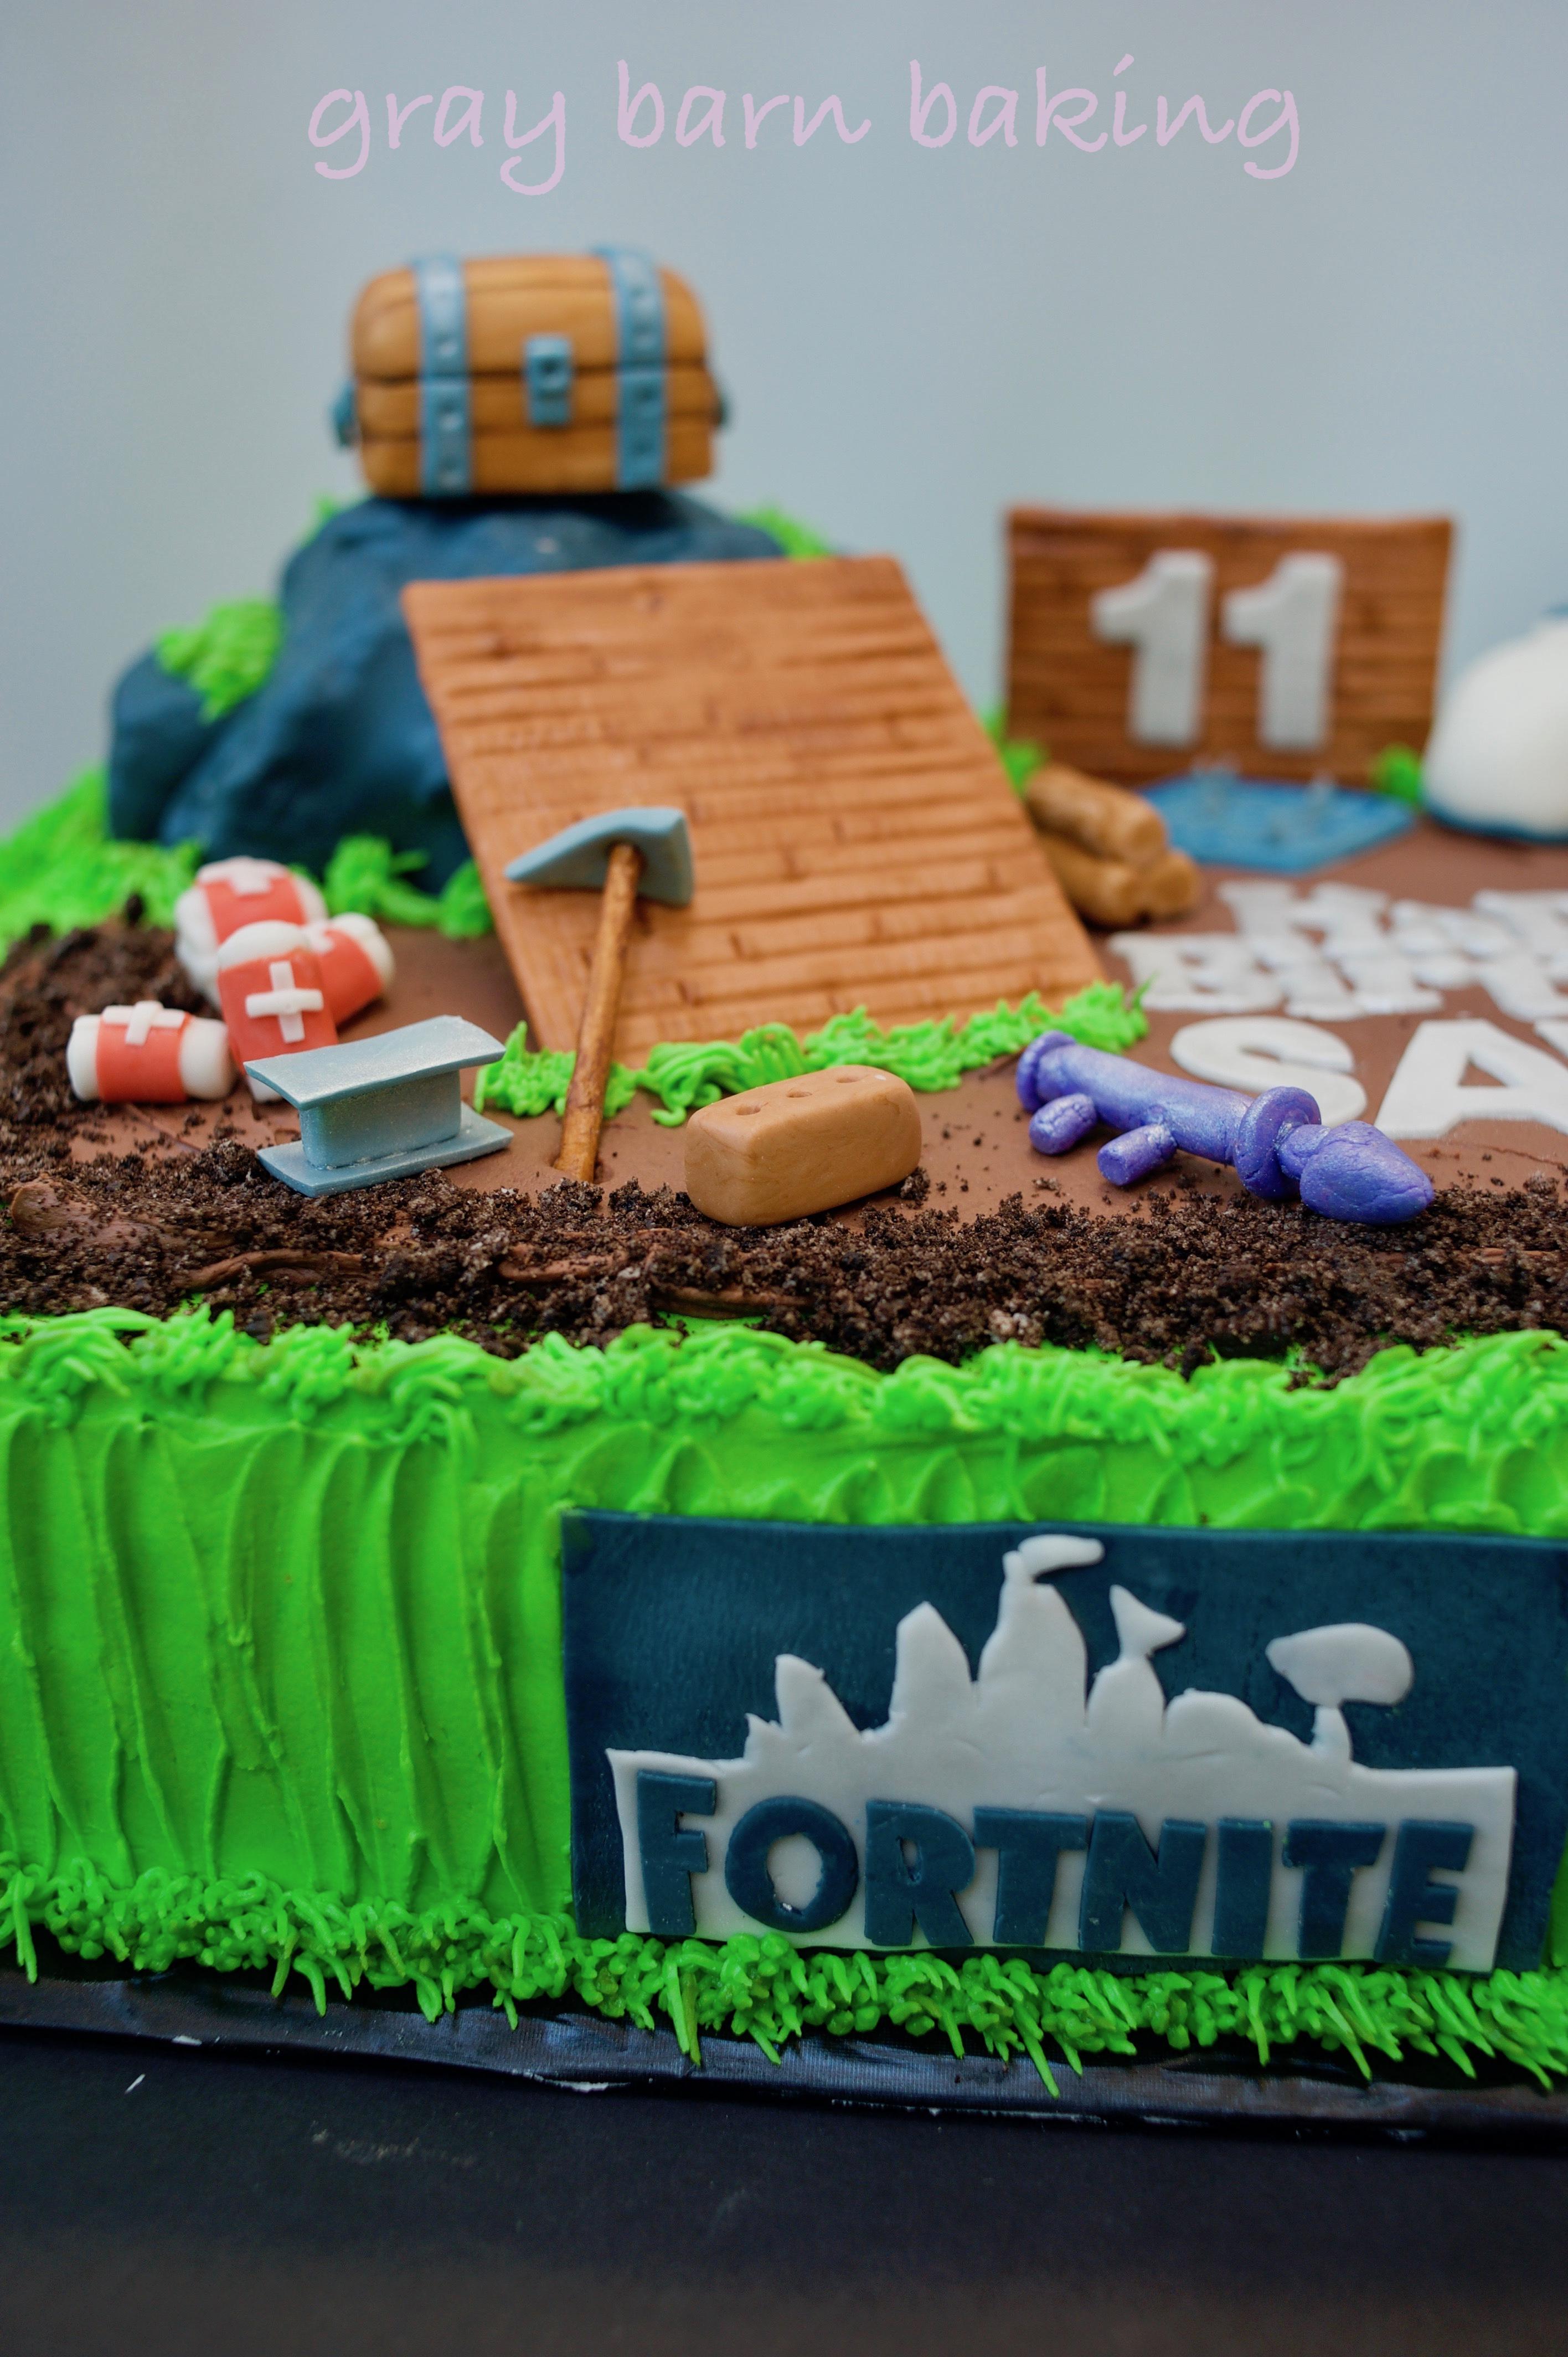 fortnite cake0015 | Gray Barn Baking